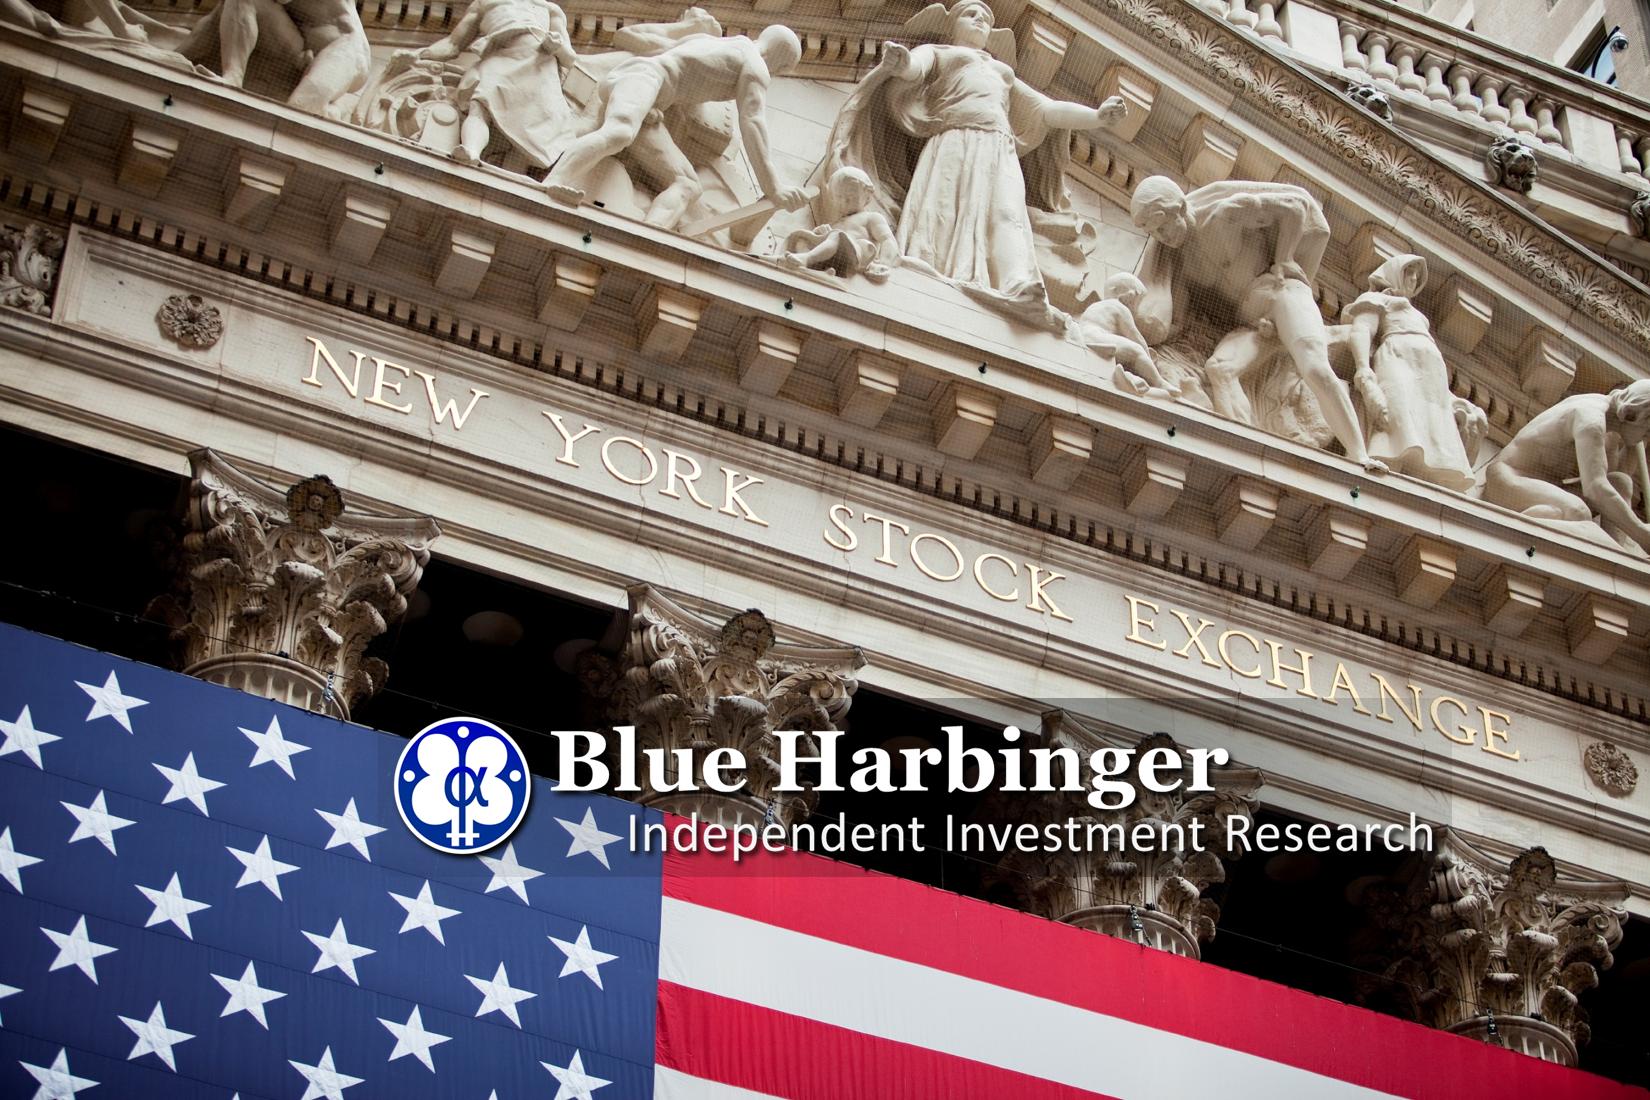 Blue Harbinger